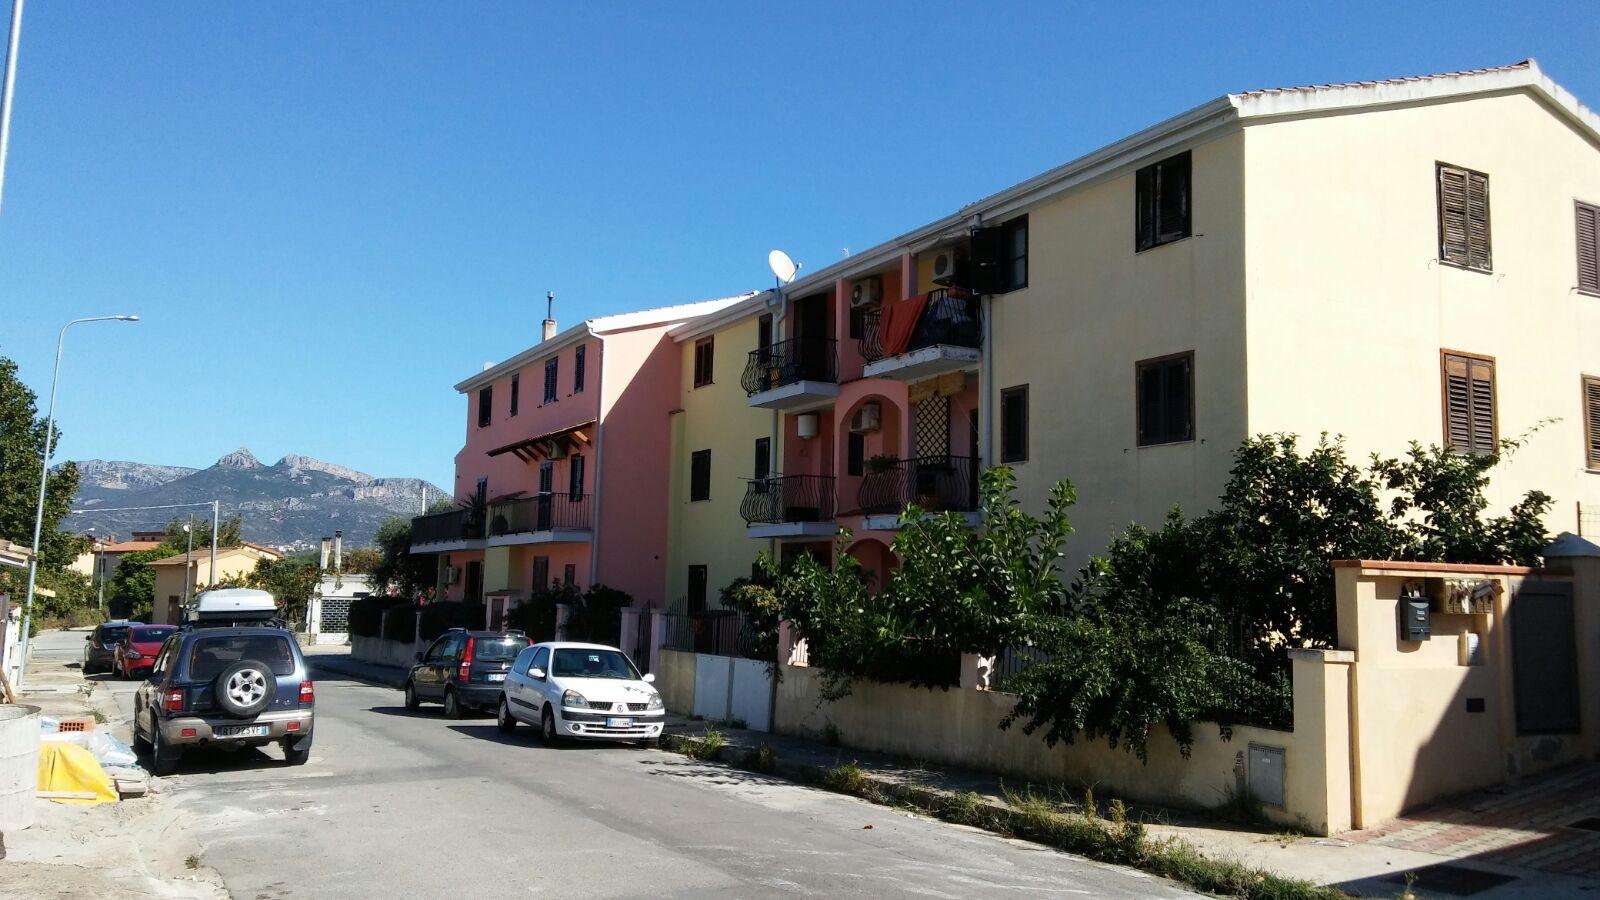 Appartamento in vendita a Girasole, 3 locali, prezzo € 75.000 | Cambio Casa.it